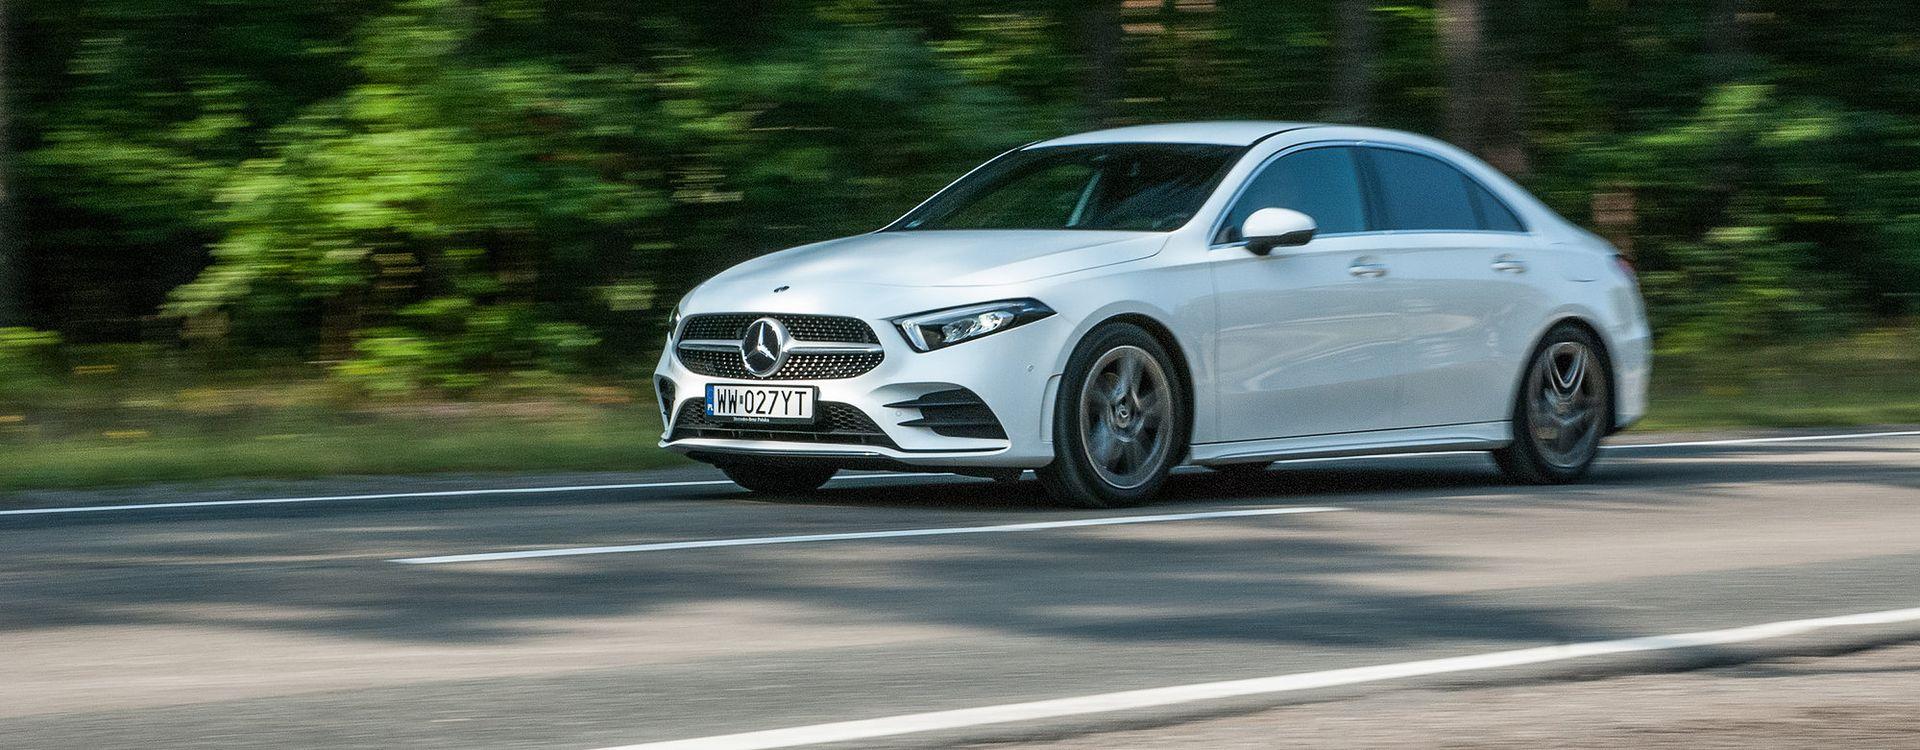 Eleganckie nadwozie kompaktowego sedana na pewno ustępuje prestiżem modelowi CLA. Jest też mniejsze, a niewiele tańsze, więc nie będzie łatwo o klienta.